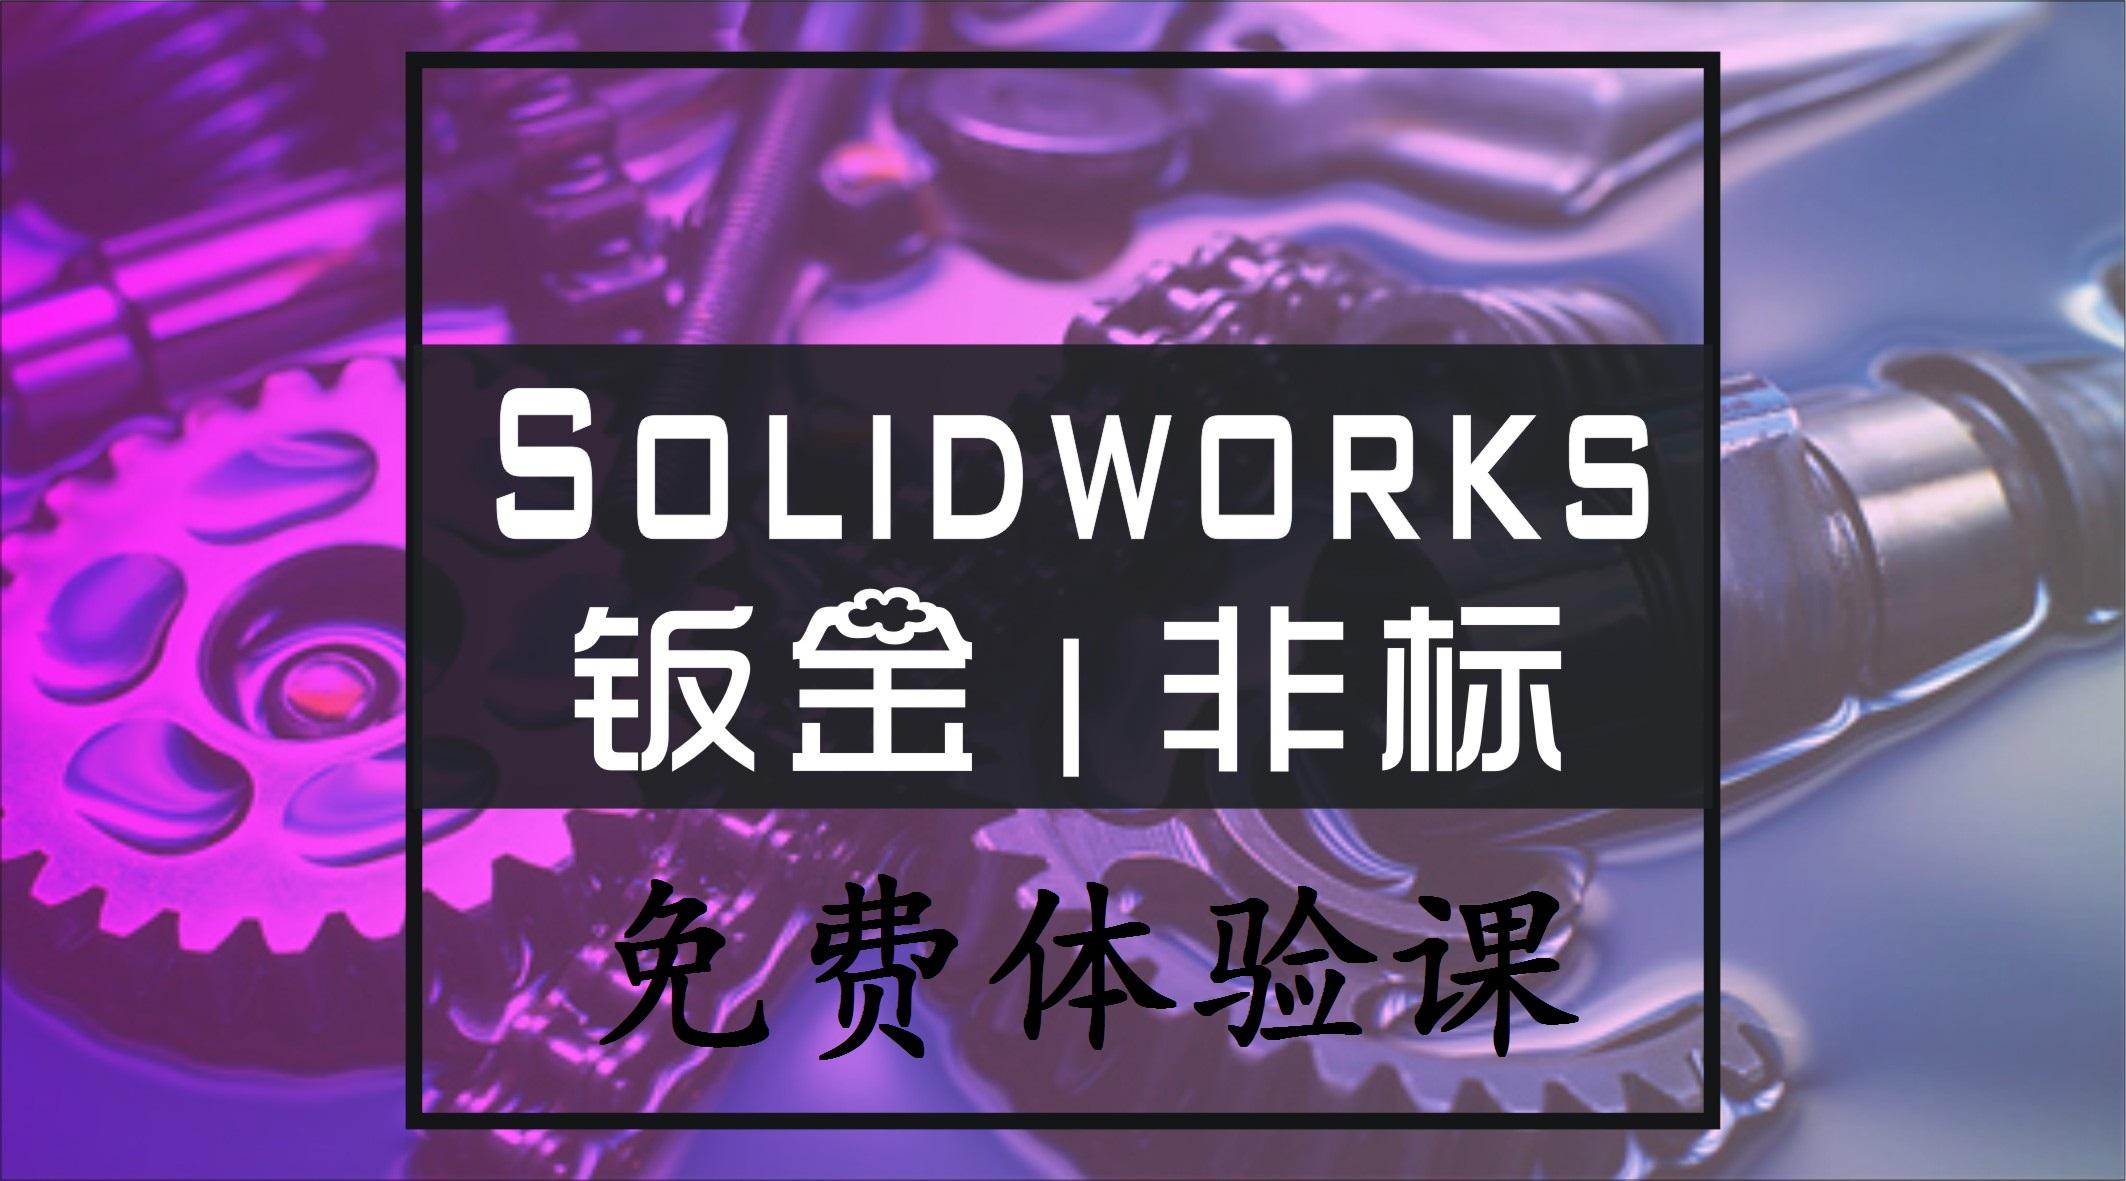 Solidworks软件、钣金、非标机械自动化设计免费体验课--前桥教育